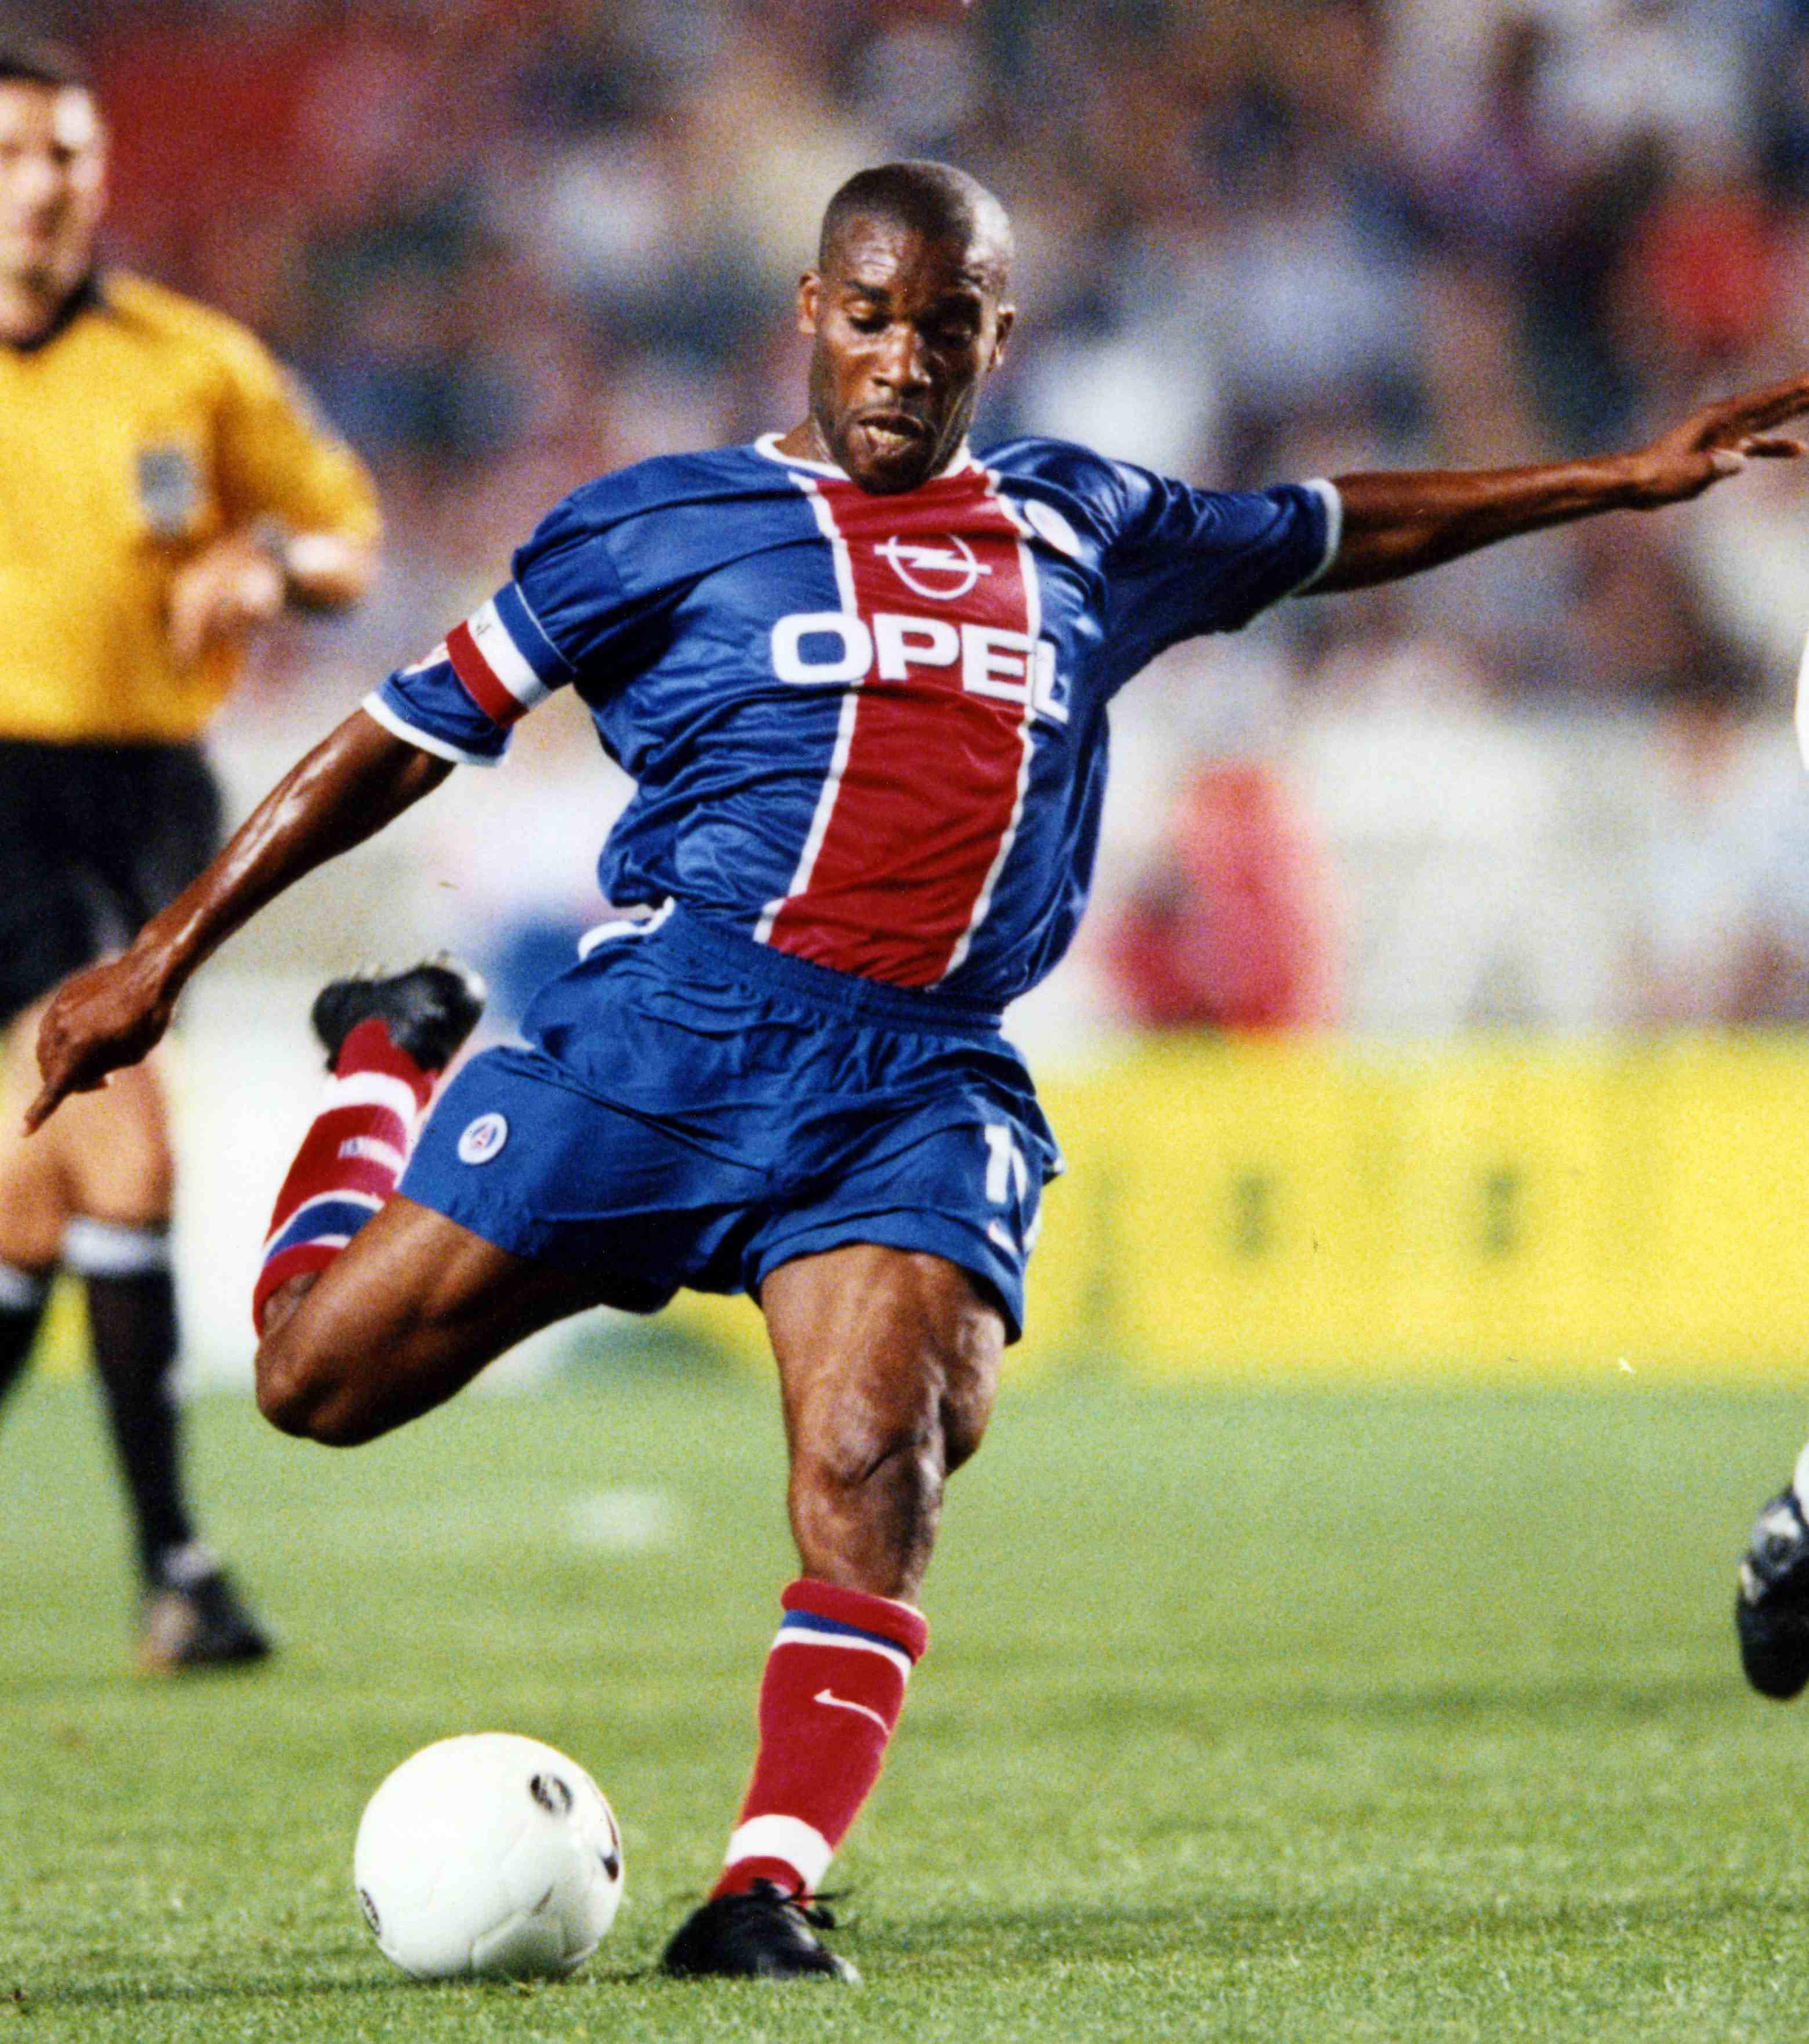 augustine-jay-jay-okocha-en-1998-le-nigerian-passe-de-fenerbahce-au-psg-pour-le-montant-record-a-l-epoque-de-15-5-millions-d-euros-102-m-de-francs_68296_wide